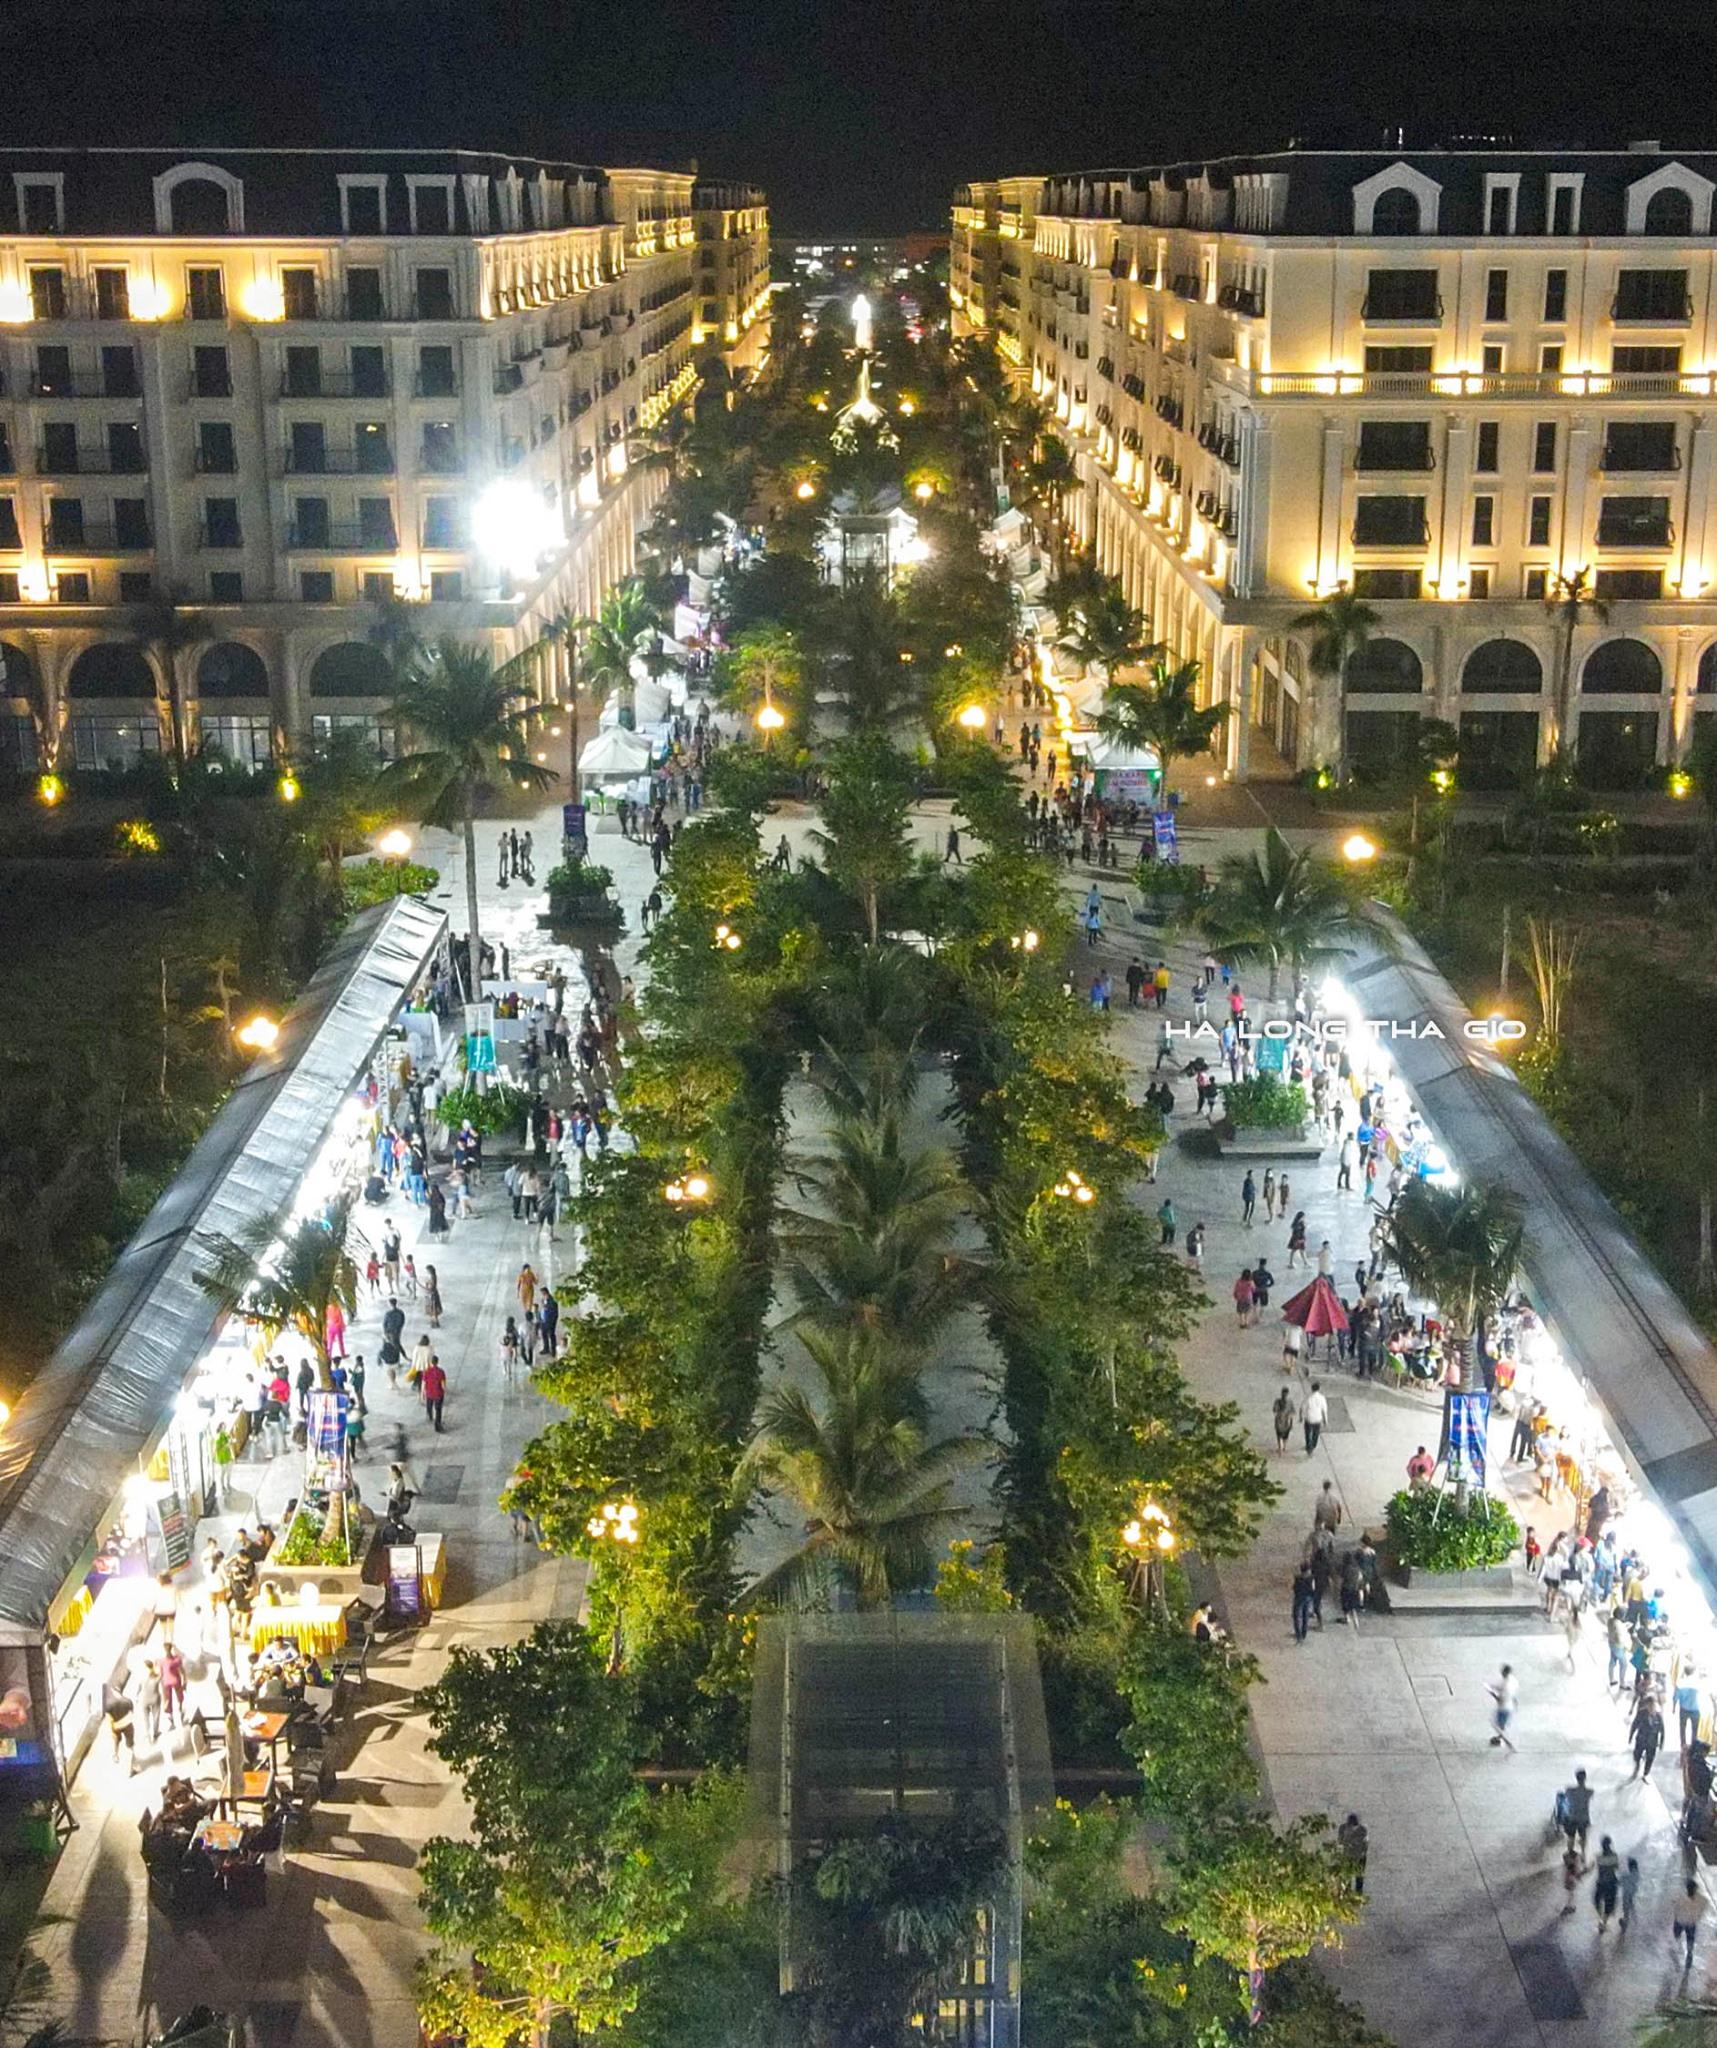 lễ hội ẩm thực ở Marina Hùng Thắng Hạ Long 7 11 2020